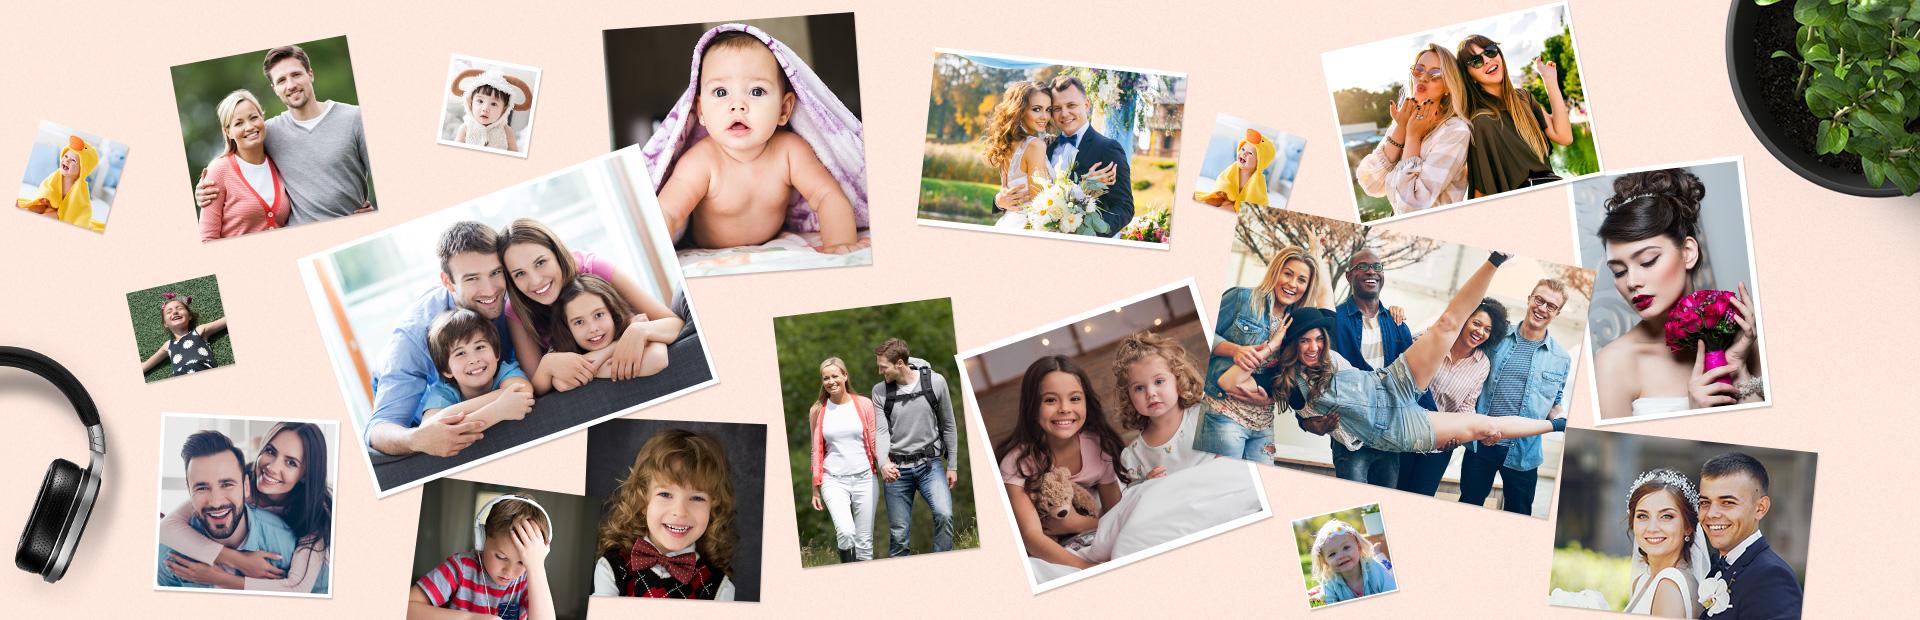 Impression photo en ligne - Picsy